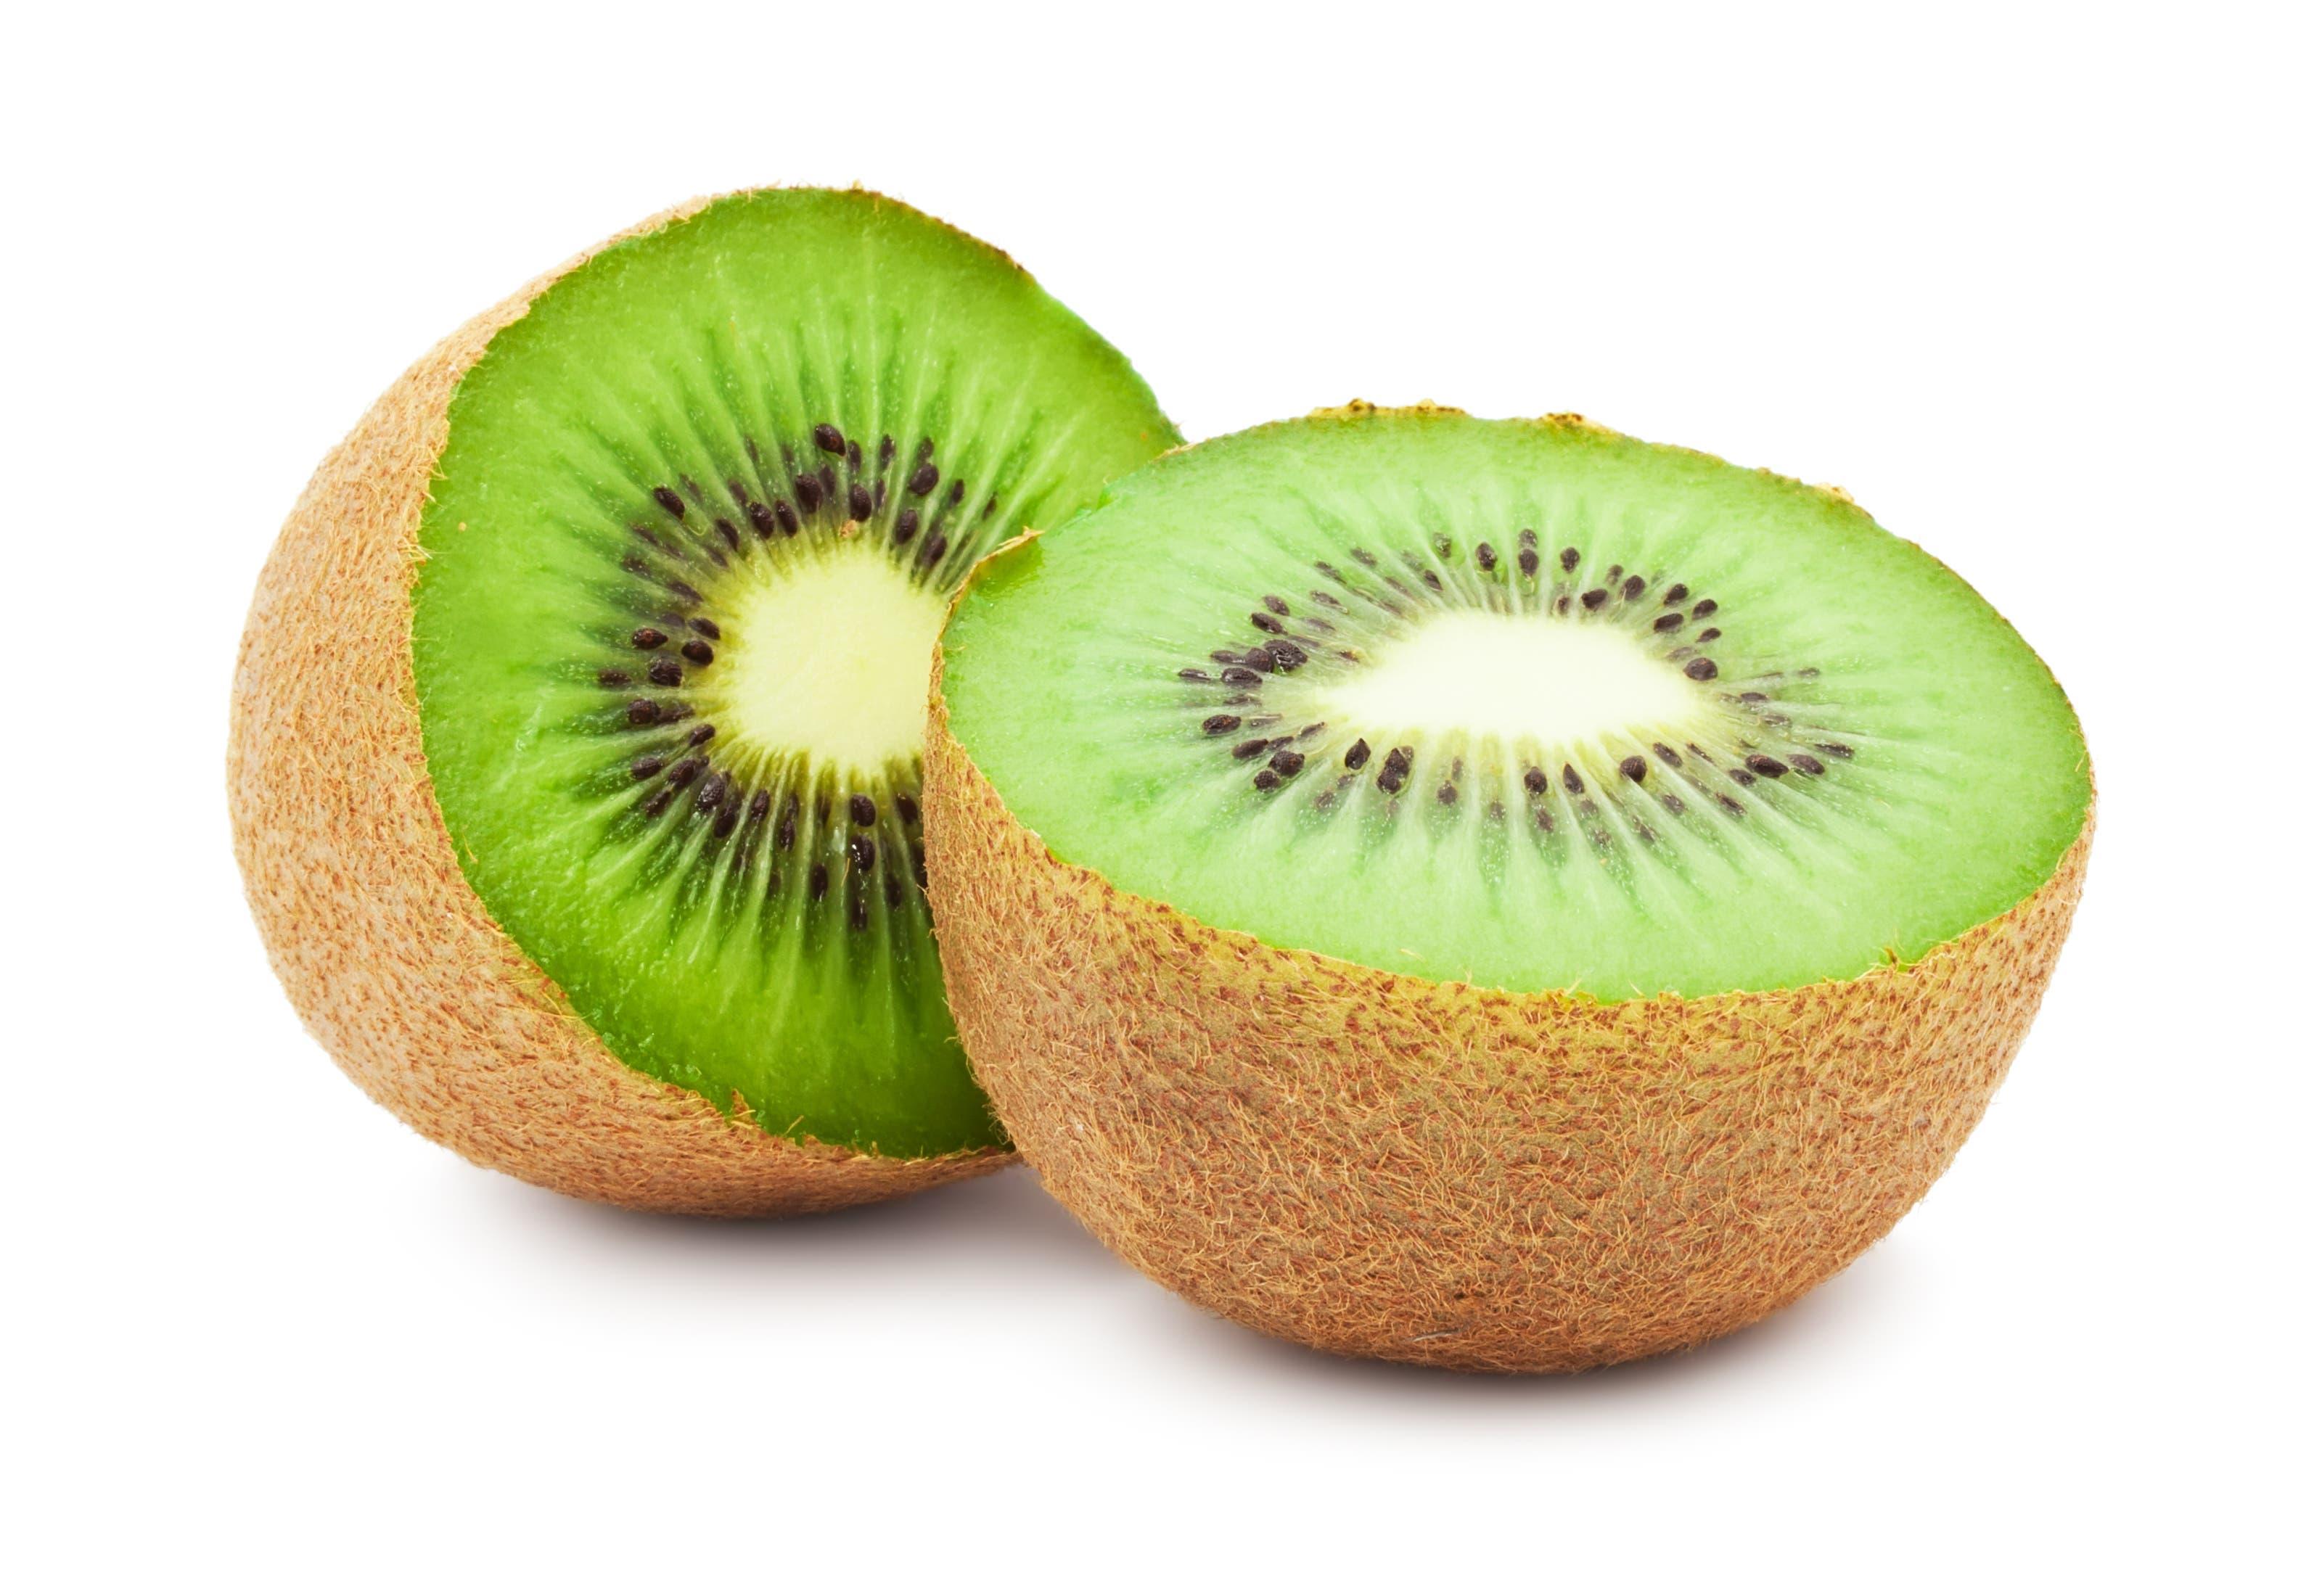 Vitamin C Der tägliche Bedarf entspricht: 2 Kiwi oder ½ Peperoni oder ½ Portion gedämpfter  Broccoli (130 Gramm) oder 9 Stück Rosenkohl,  gedämpft oder  1 grosse Orange oder 11 mittelgrosse Galaäpfel